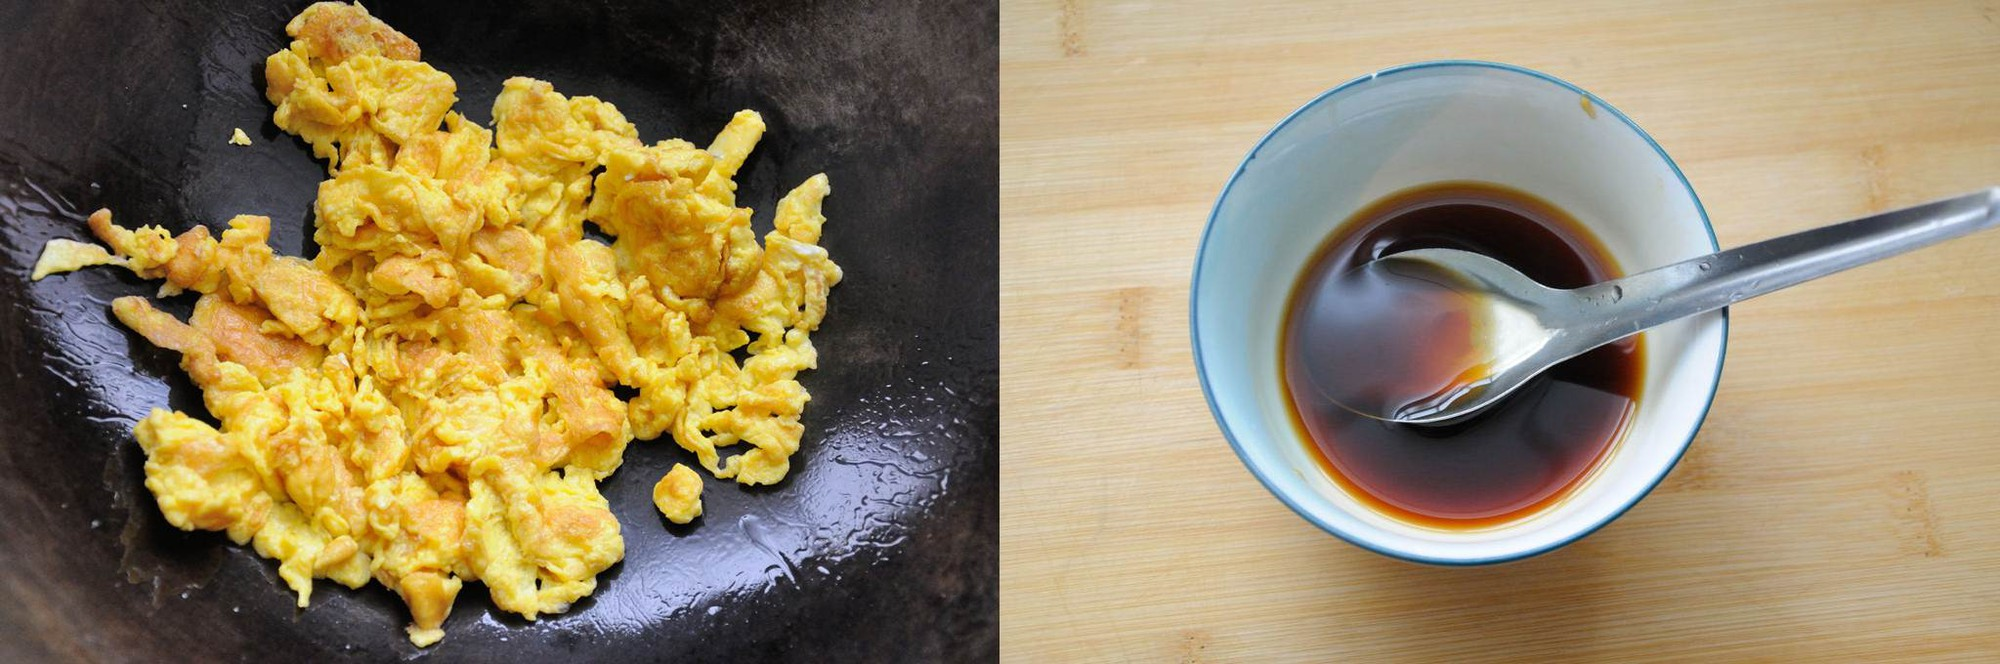 5 phút làm nấm sò xào trứng ngon lành bổ dưỡng